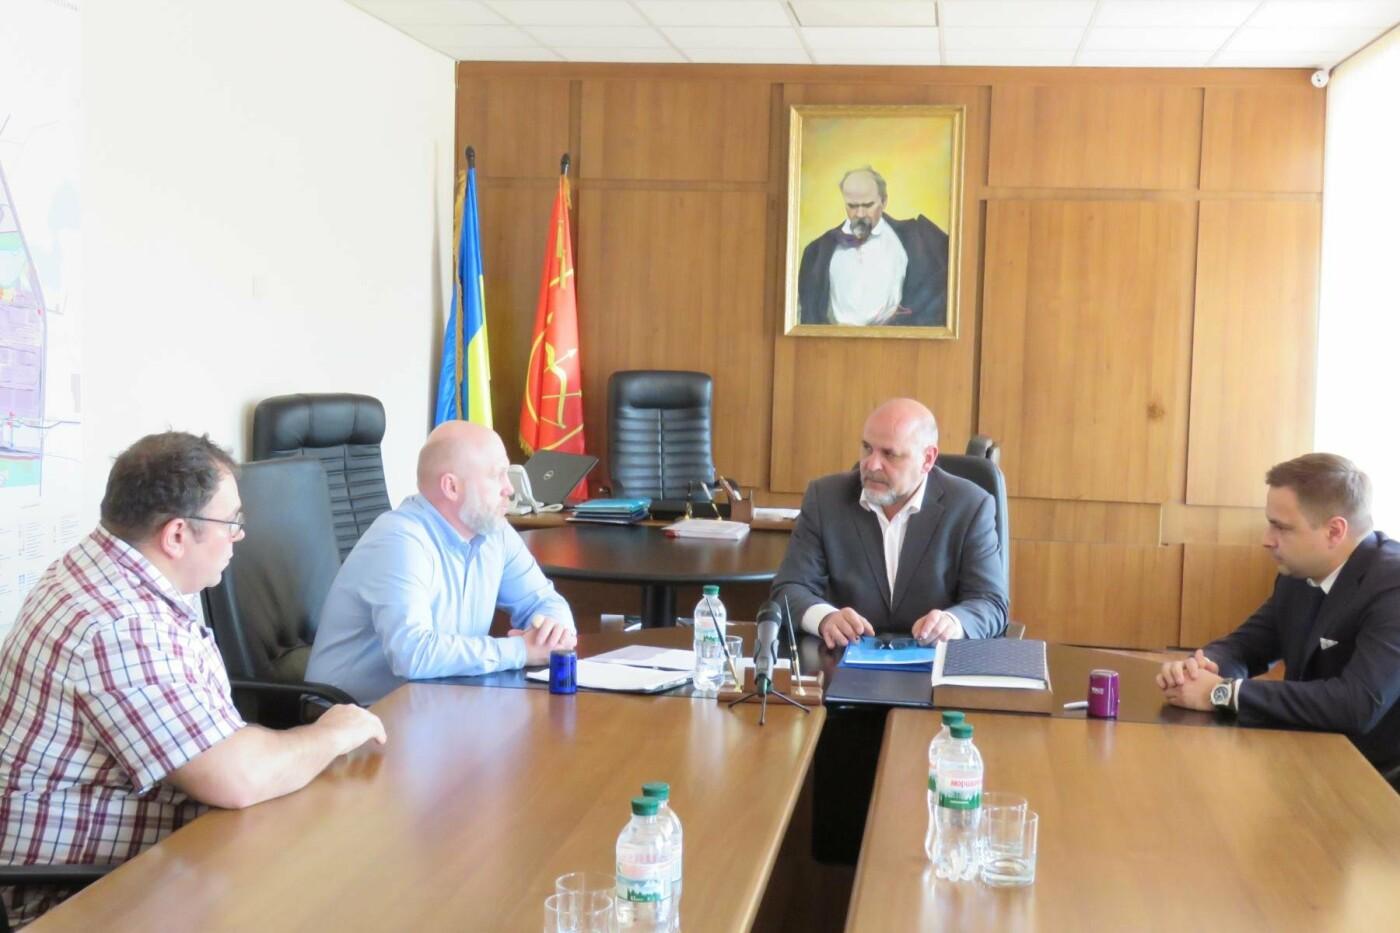 БВАК підписав меморандум про співпрацю з міжнародною групою логістичних компаній